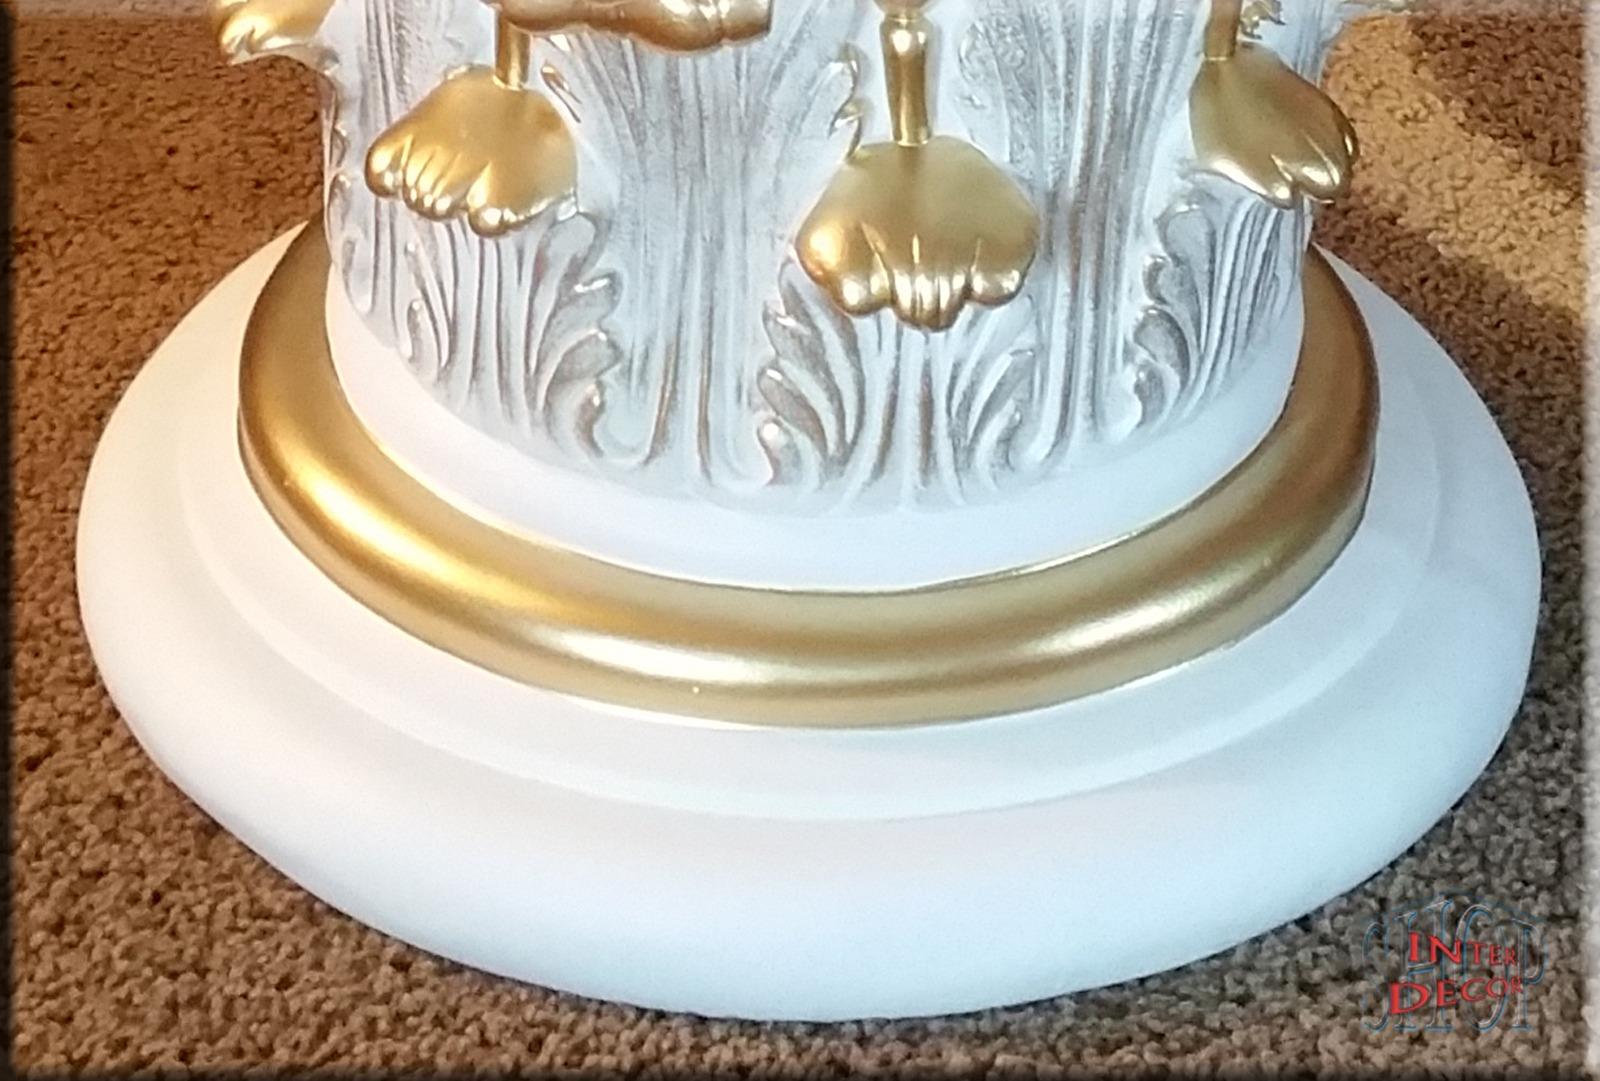 Dekor Stellen - Couchtisch Tisch Medusa Glastisch Möbel Wohnzimmertisch Esstisch Beistelltisch Versace Sofa-tisch Loft-tisch Pflanzen-tisch Stehtisch Truhen-tisch Kaffeetisch Telefontisch Schreibtisch Nachttisch Glasplatte Art Deko Erotik Sex Akt Glas Kunstharz Wohnzimmer Tischdeko Oval Rechteckig Rund Weiß Creme Antik-gold Antik-silber Antik Hell Dunkel